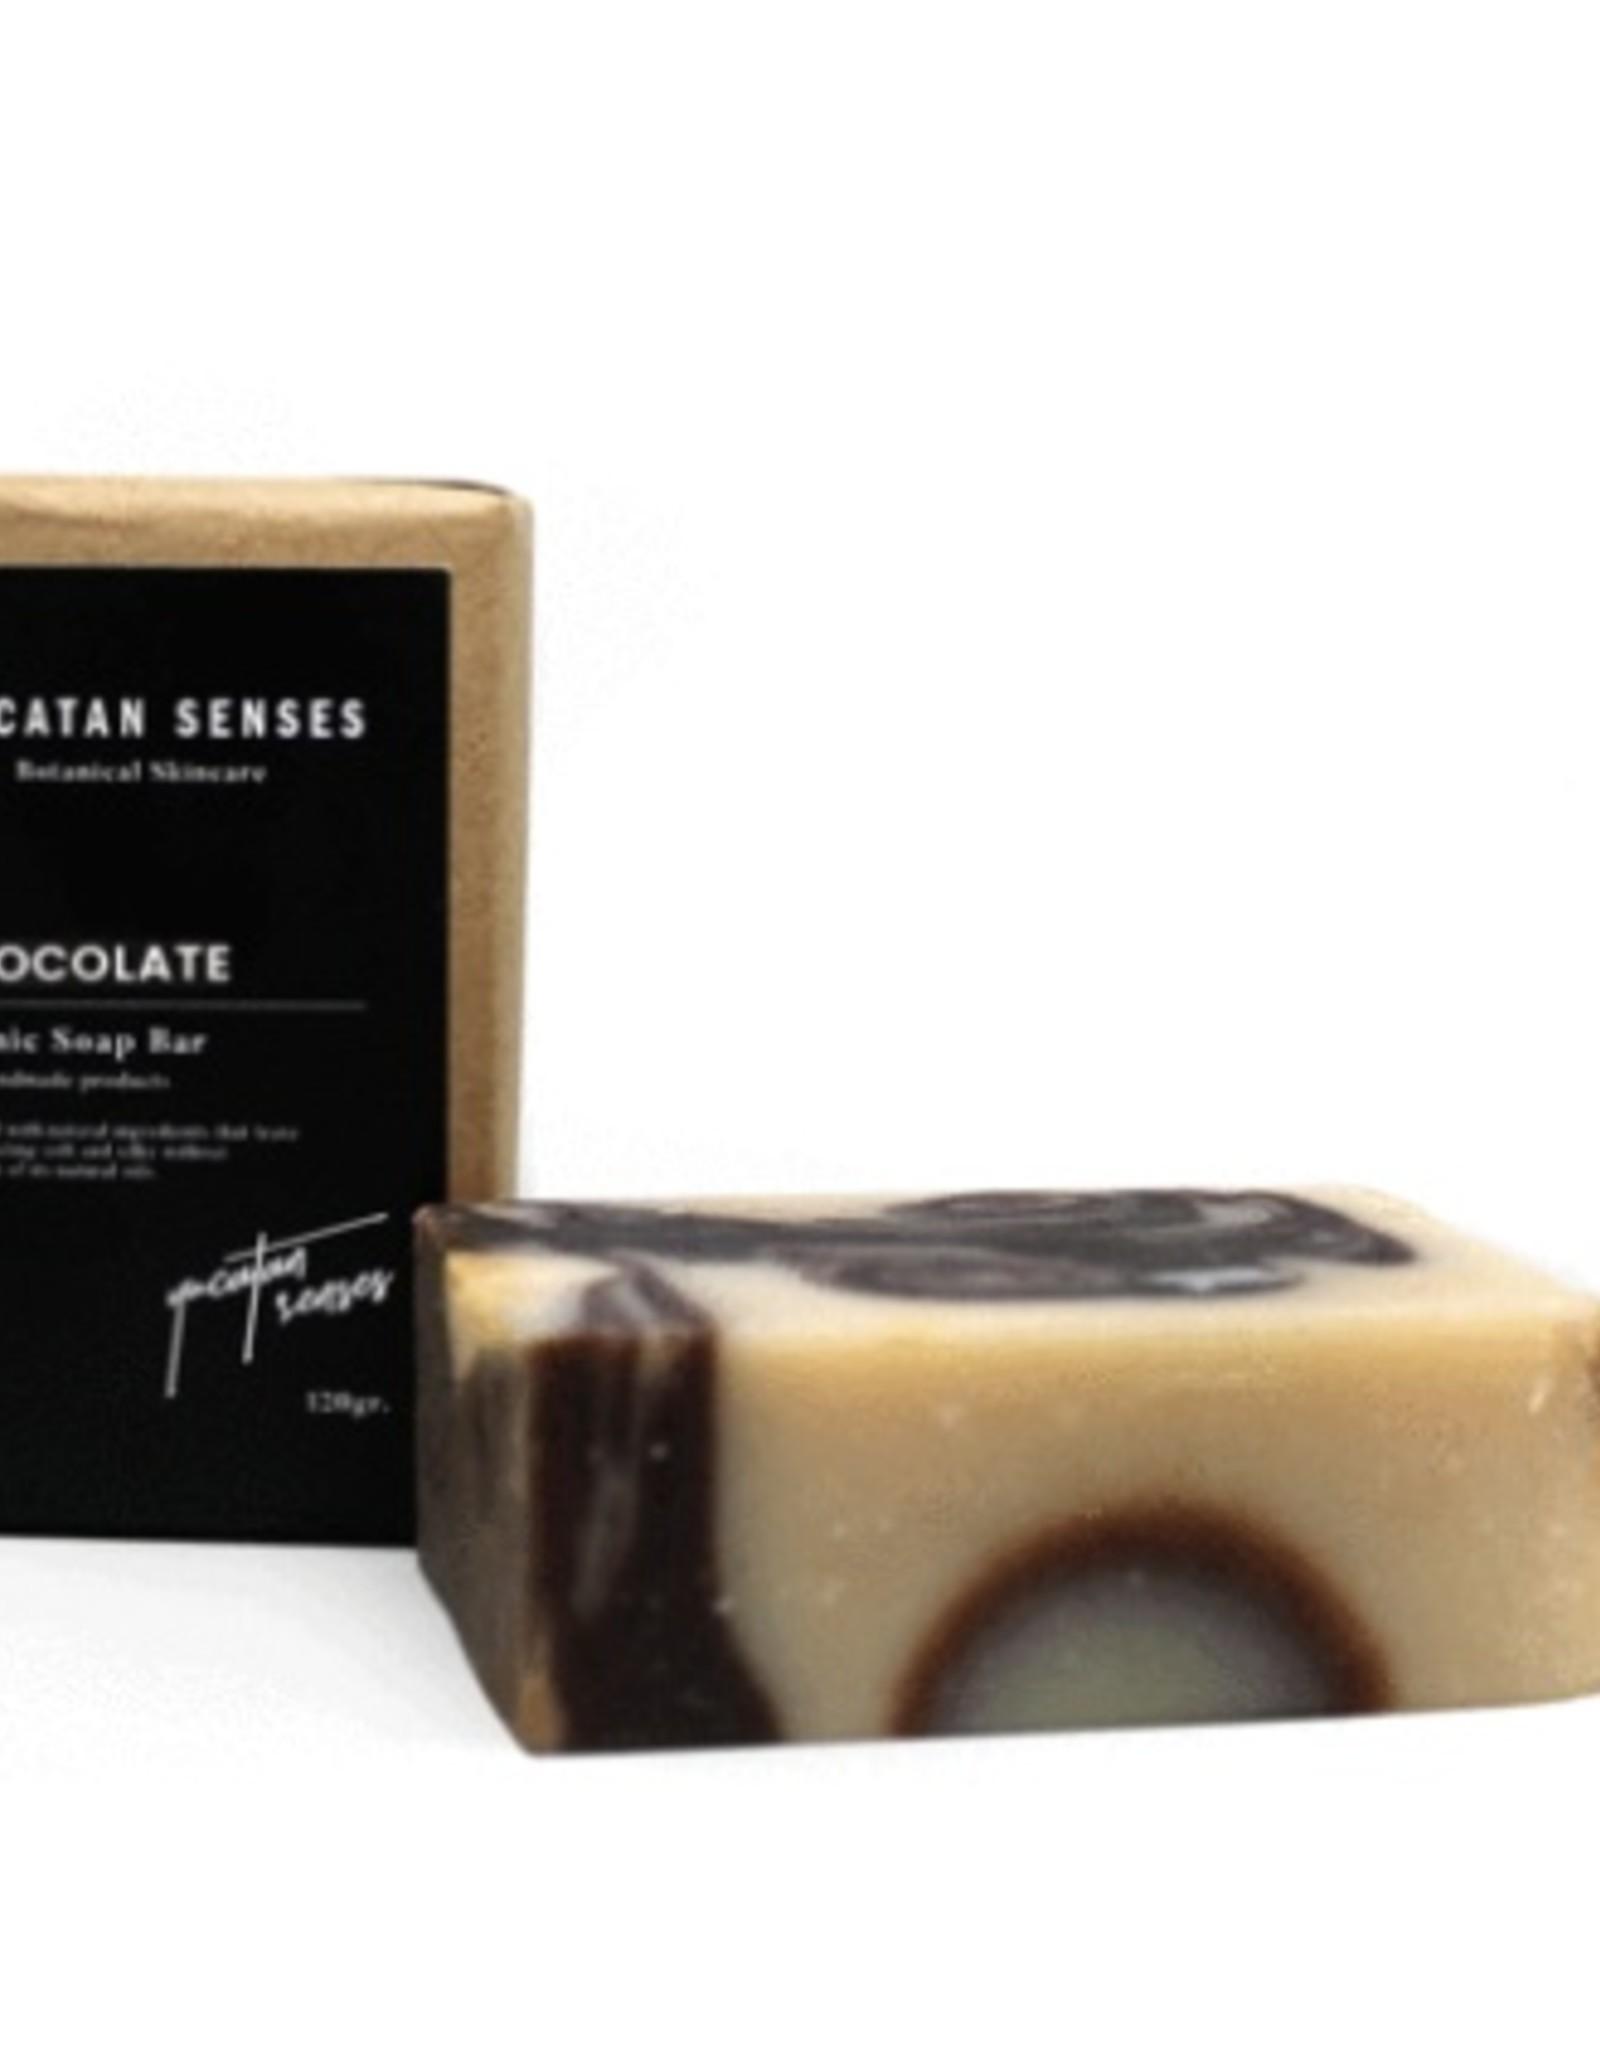 SOAP BAR 120GR / barra de jabón  ( 3 aromas 10 cada uno ) YUCATAN SENSES